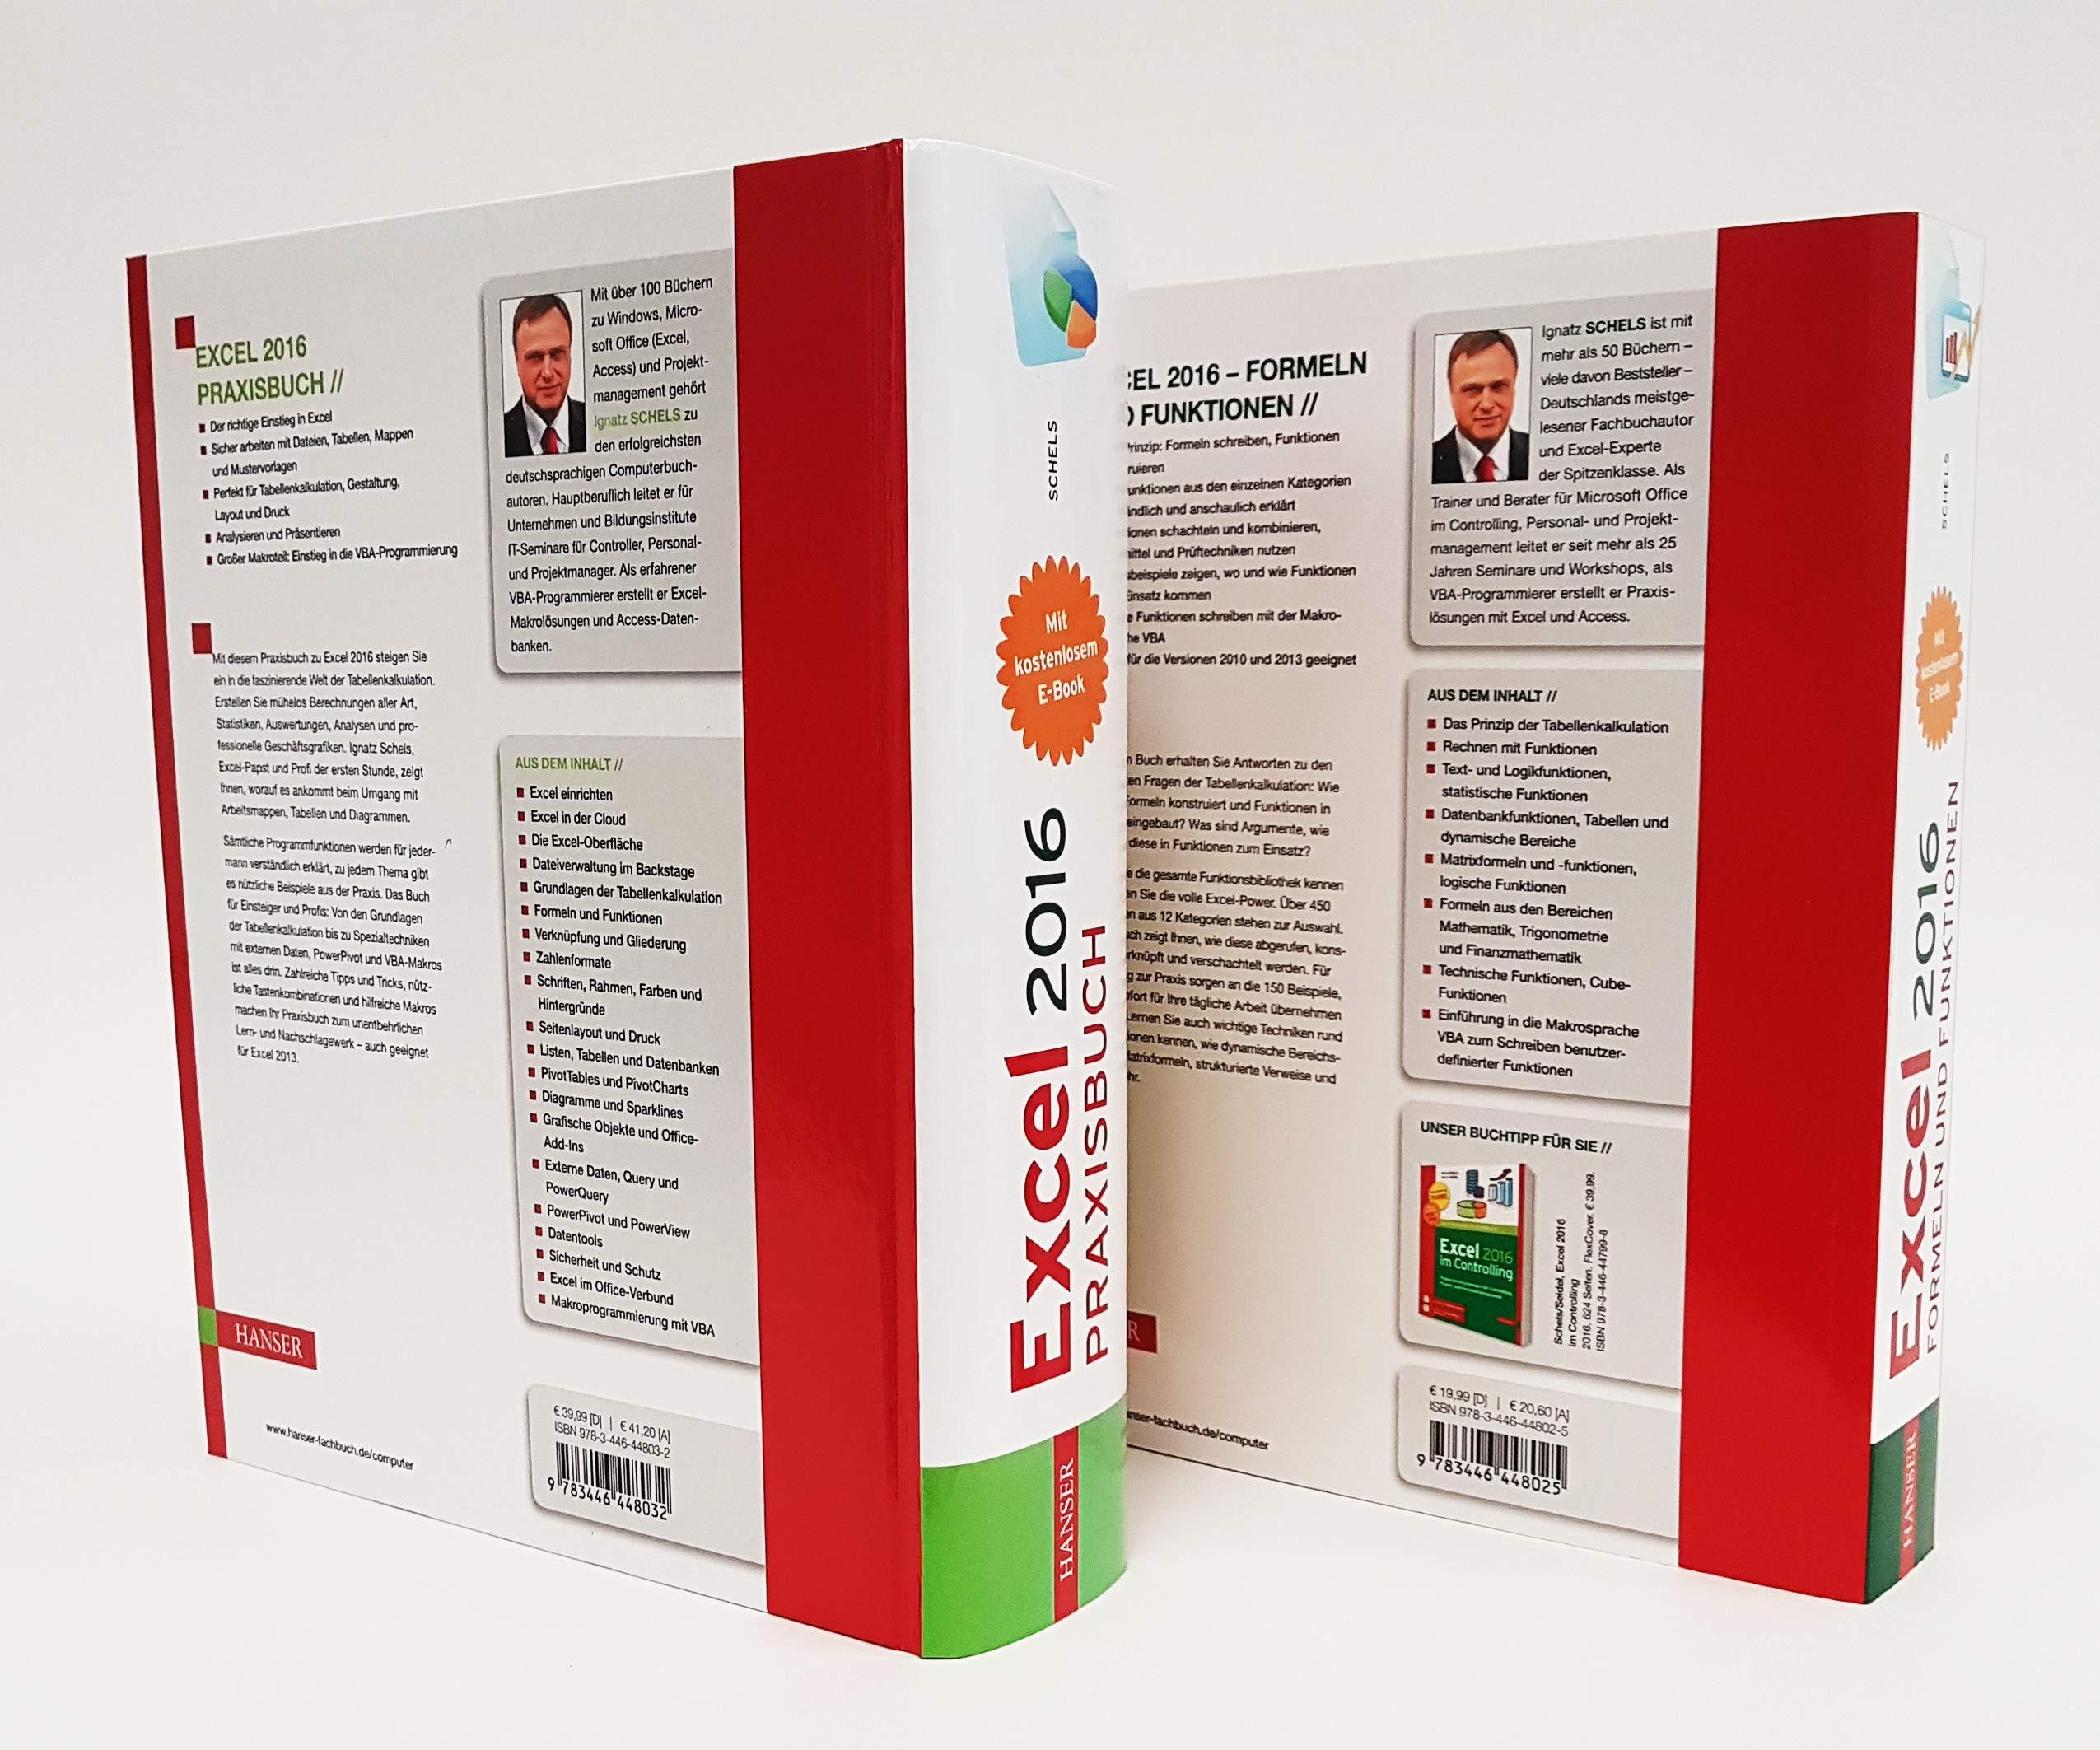 Excel - Alles, was Sie wissen müssen zu Formeln, Funktionen, VBA ...